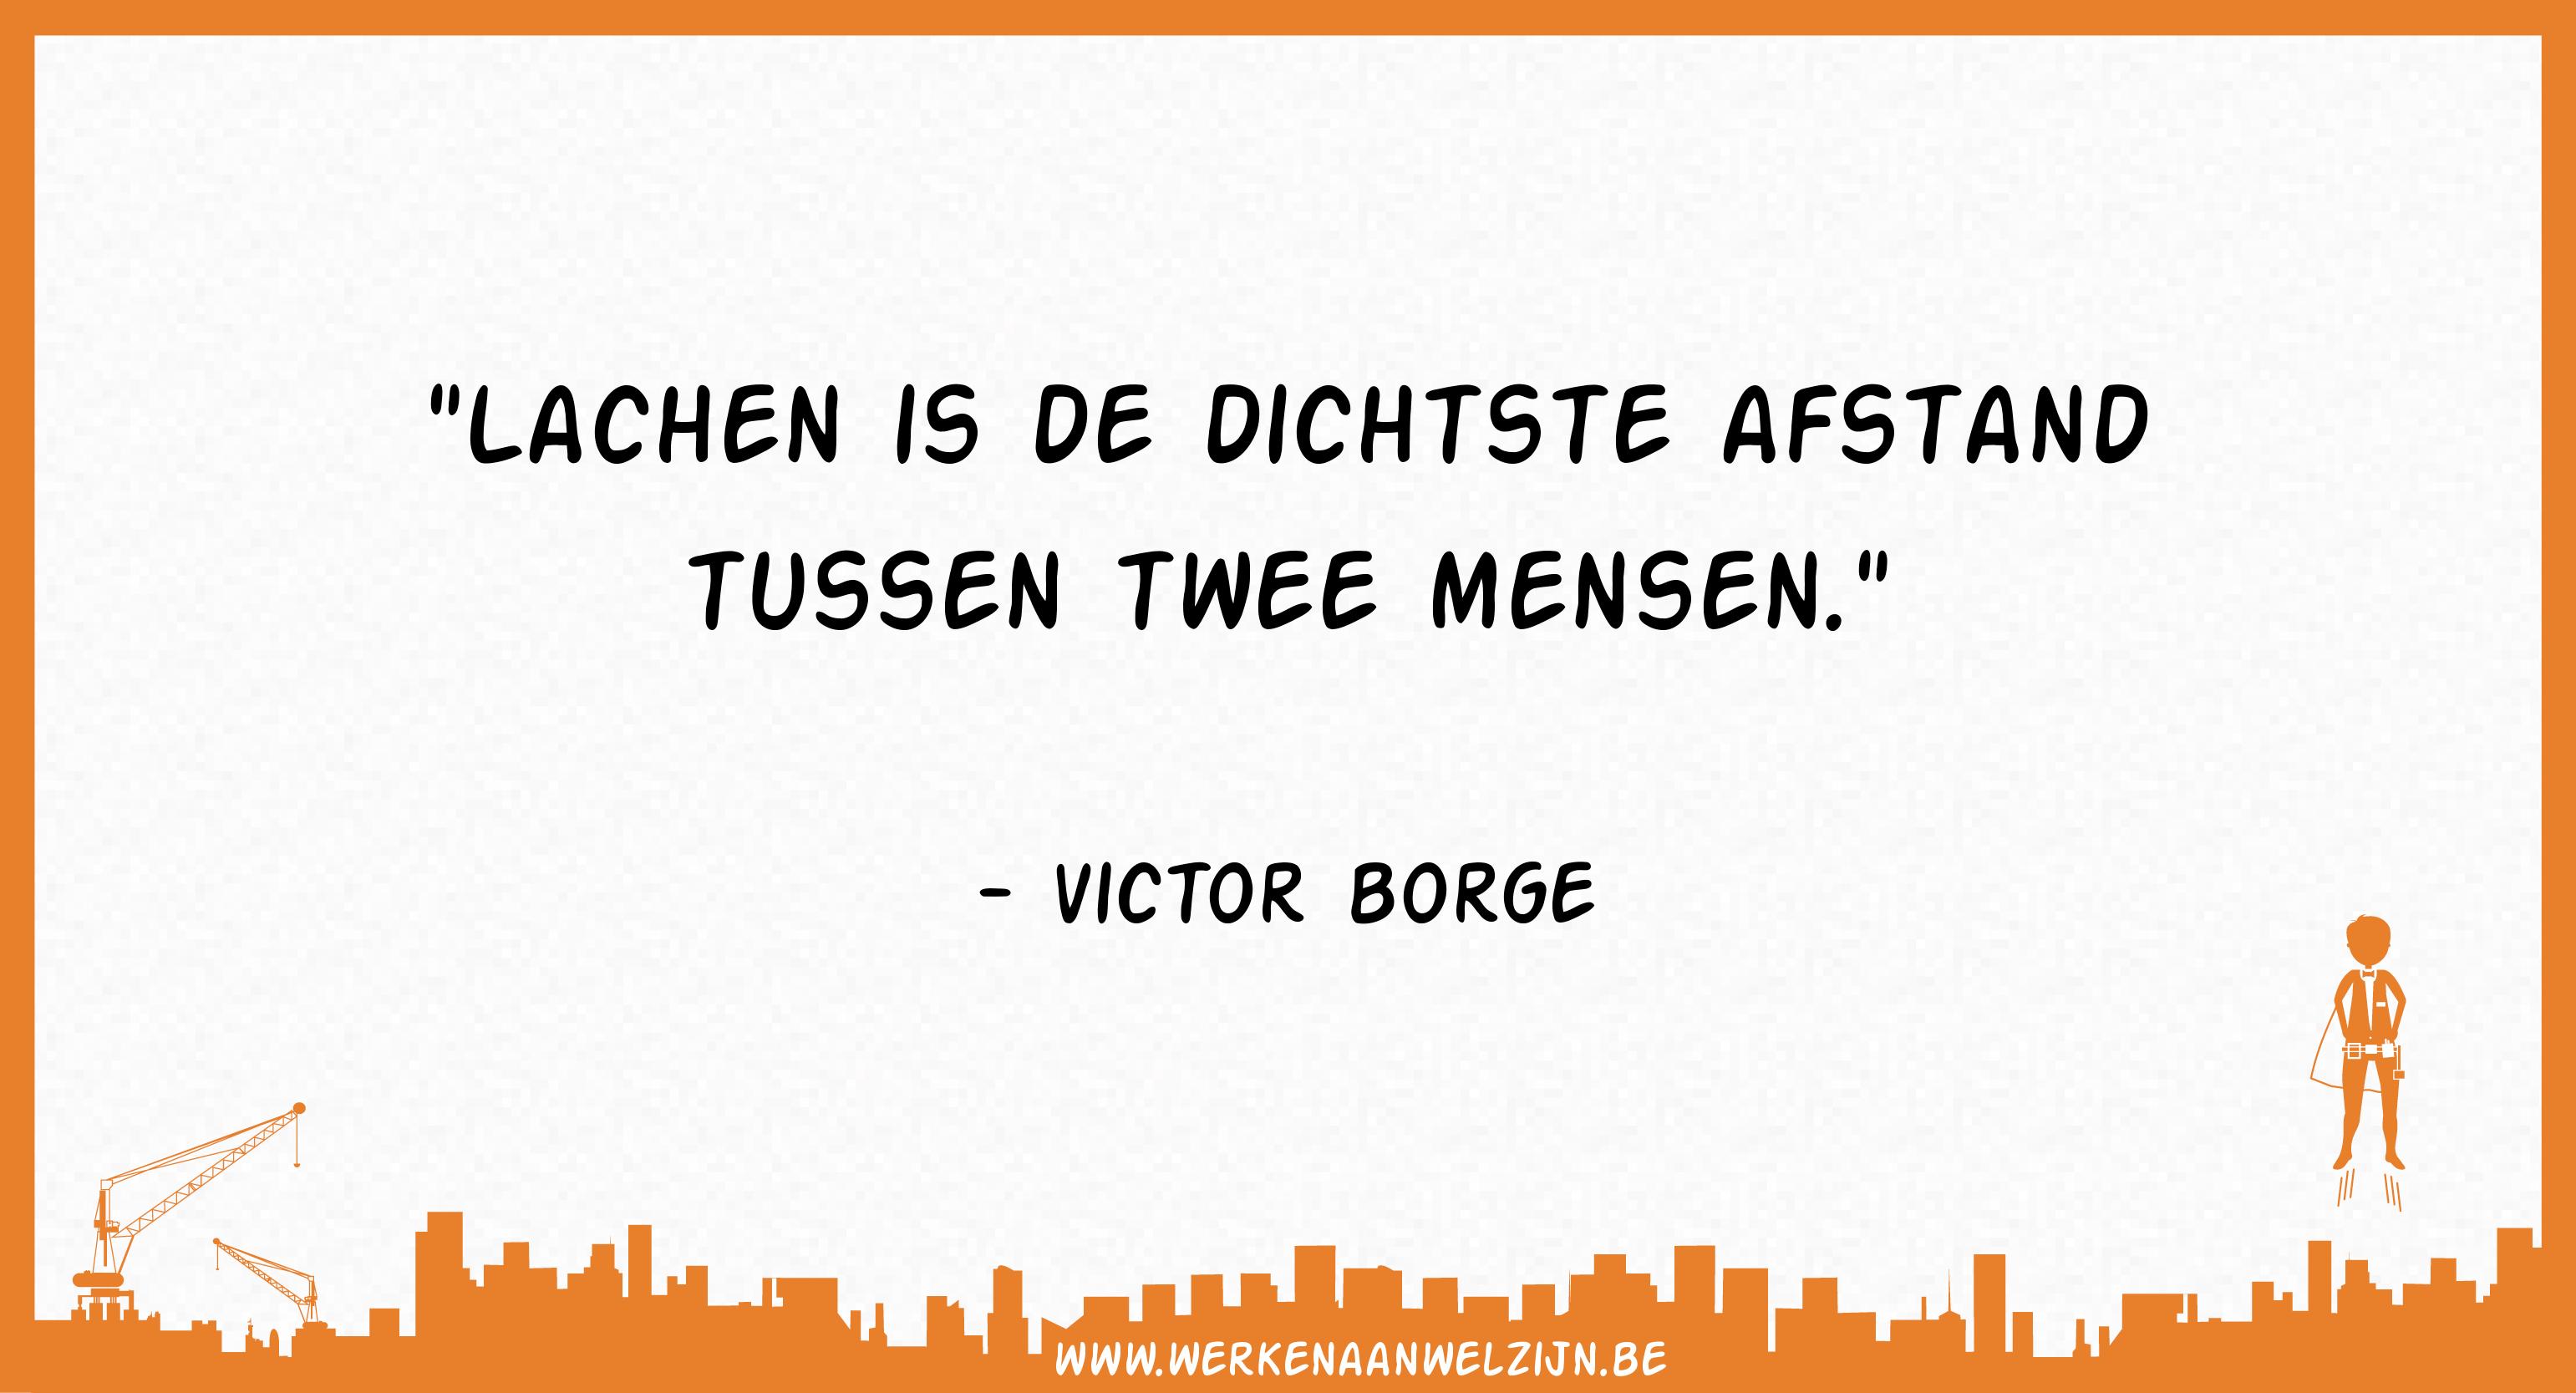 Lachen is de dichtste afstand tussen twee mensen (Victor Borge)